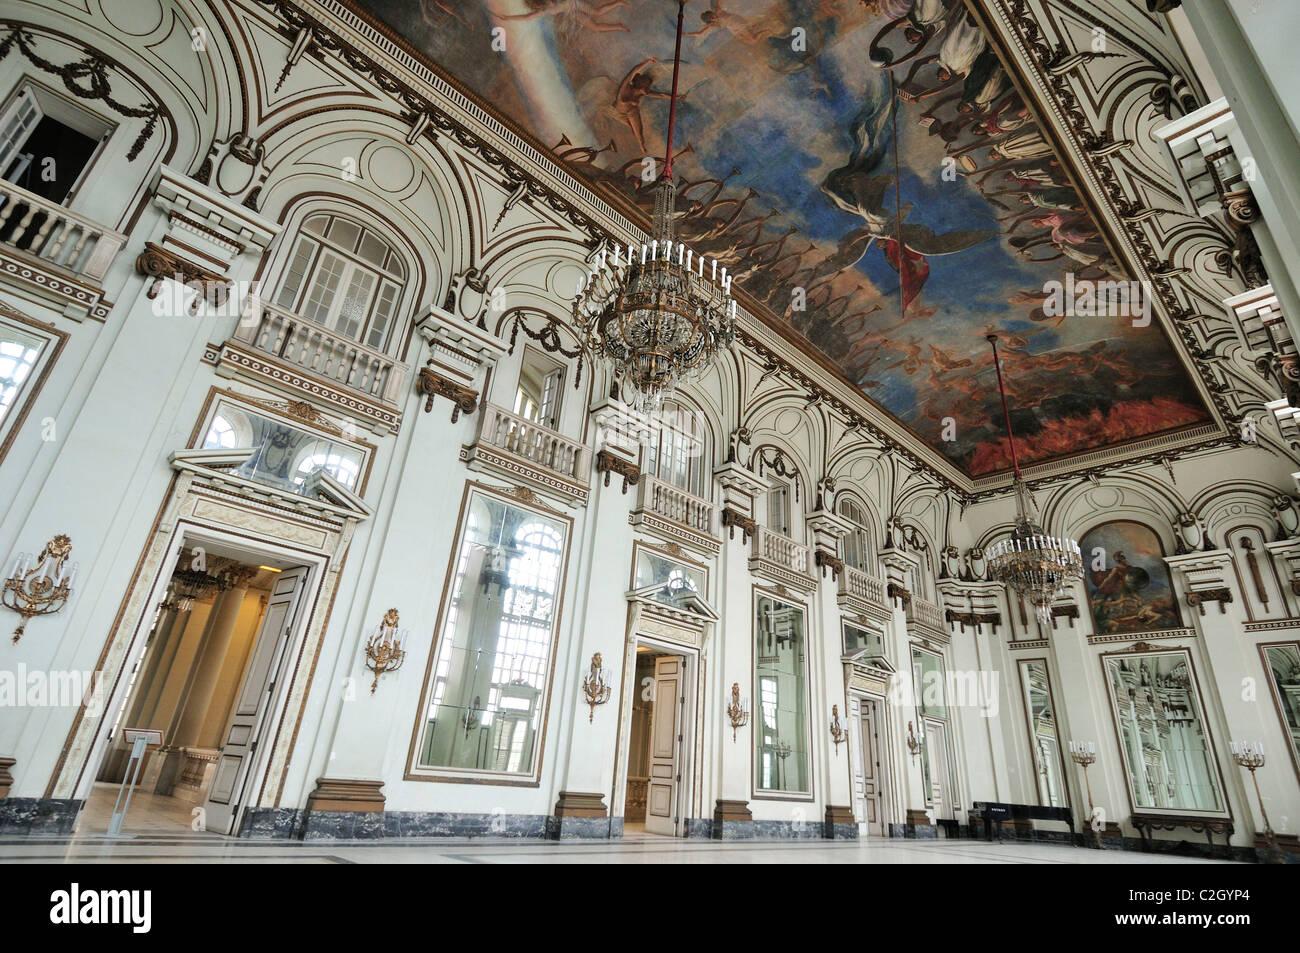 Havana. Cuba. Hall of Mirrors (Salon de los Espejos), Museum of the Revolution / Museo de la Revolucion, in the - Stock Image